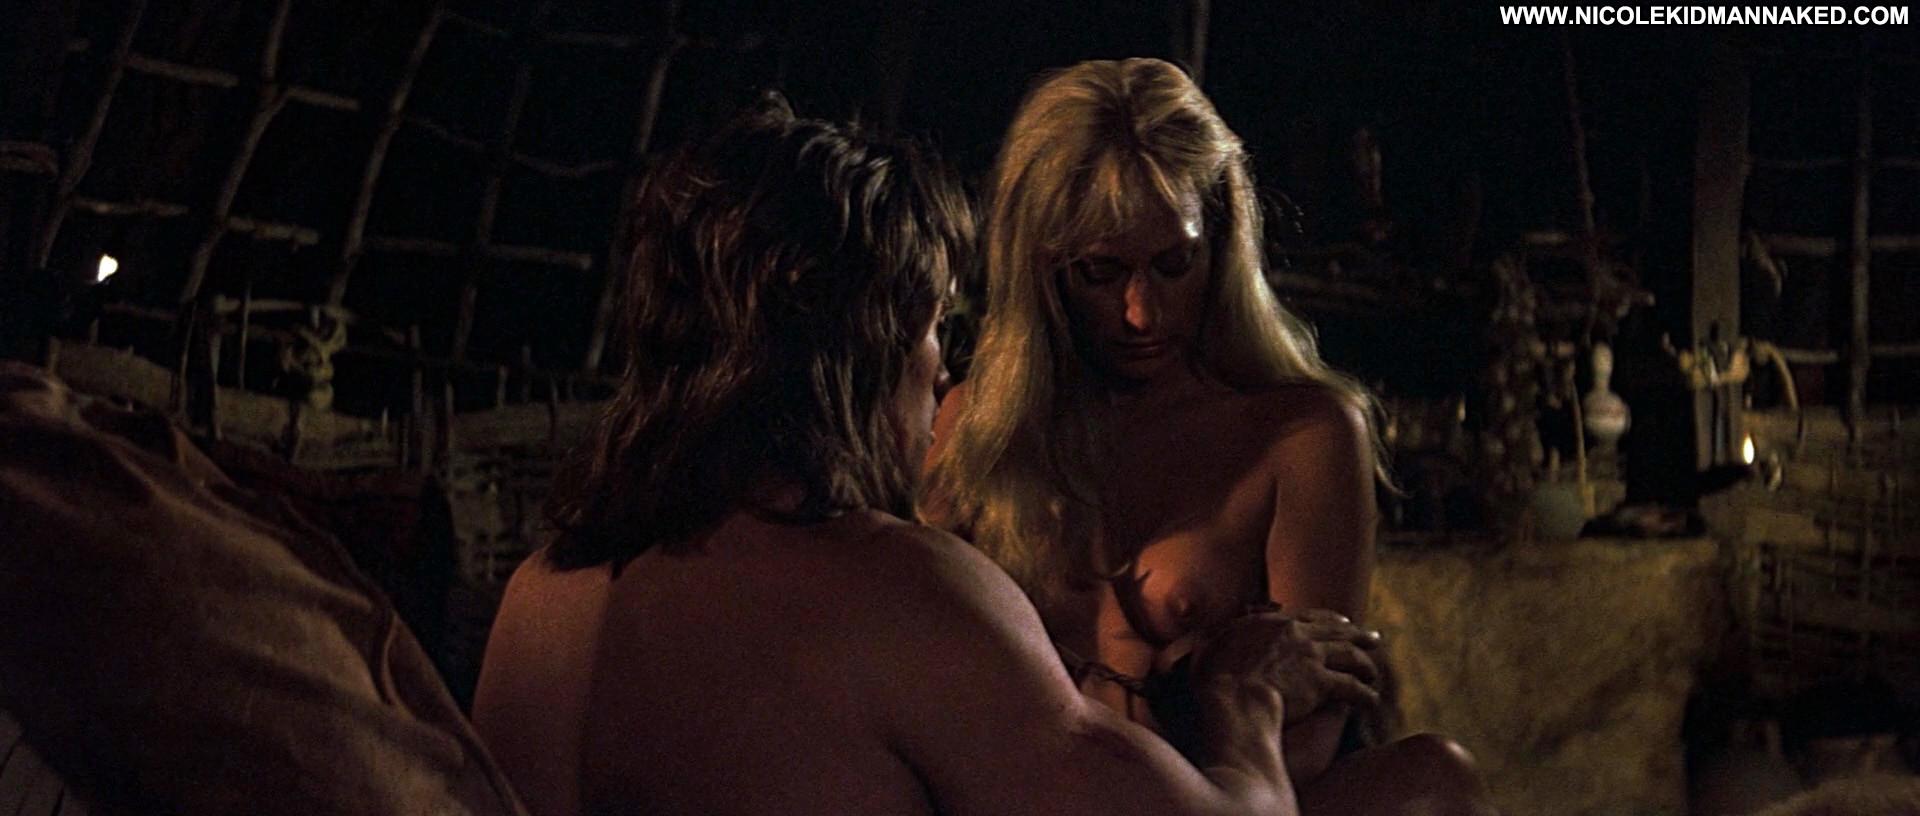 Nudity in conan the barbarian